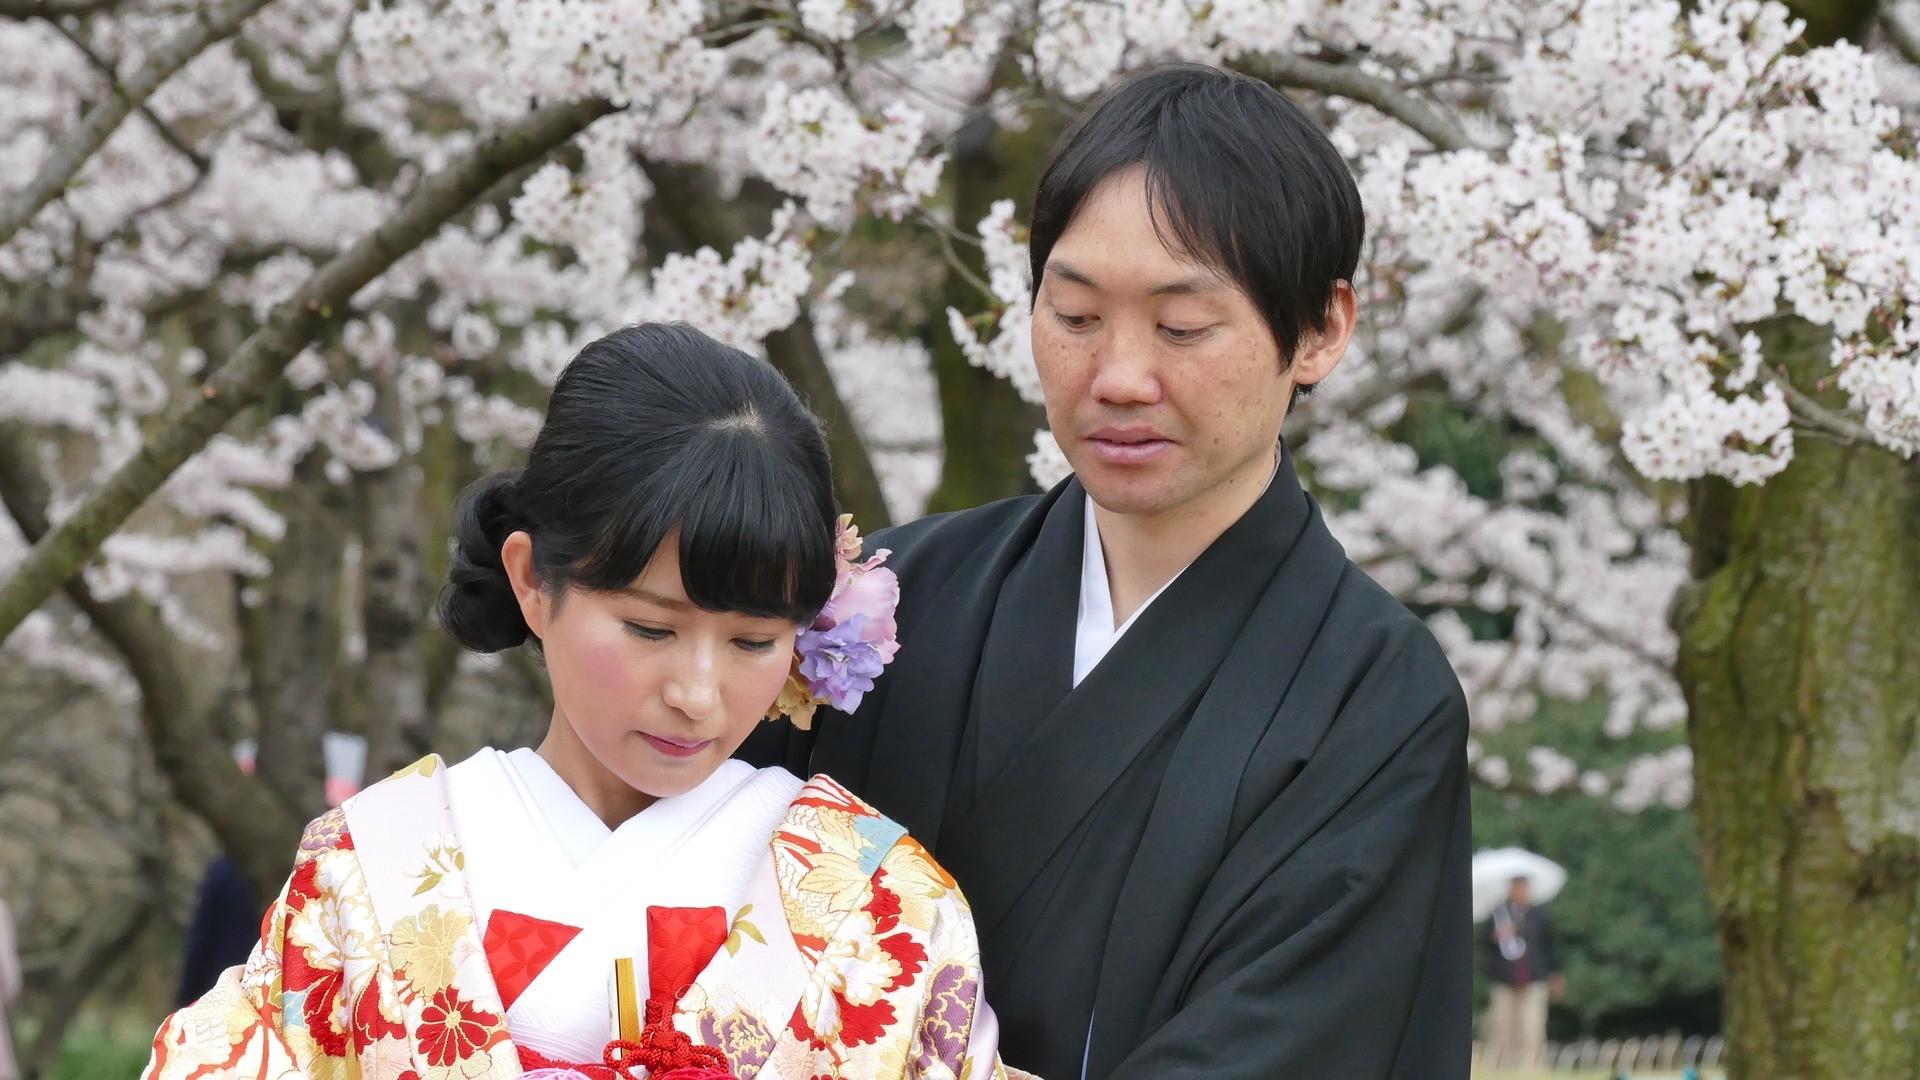 ▲▼日本,婚禮(圖/取自Pixabay)